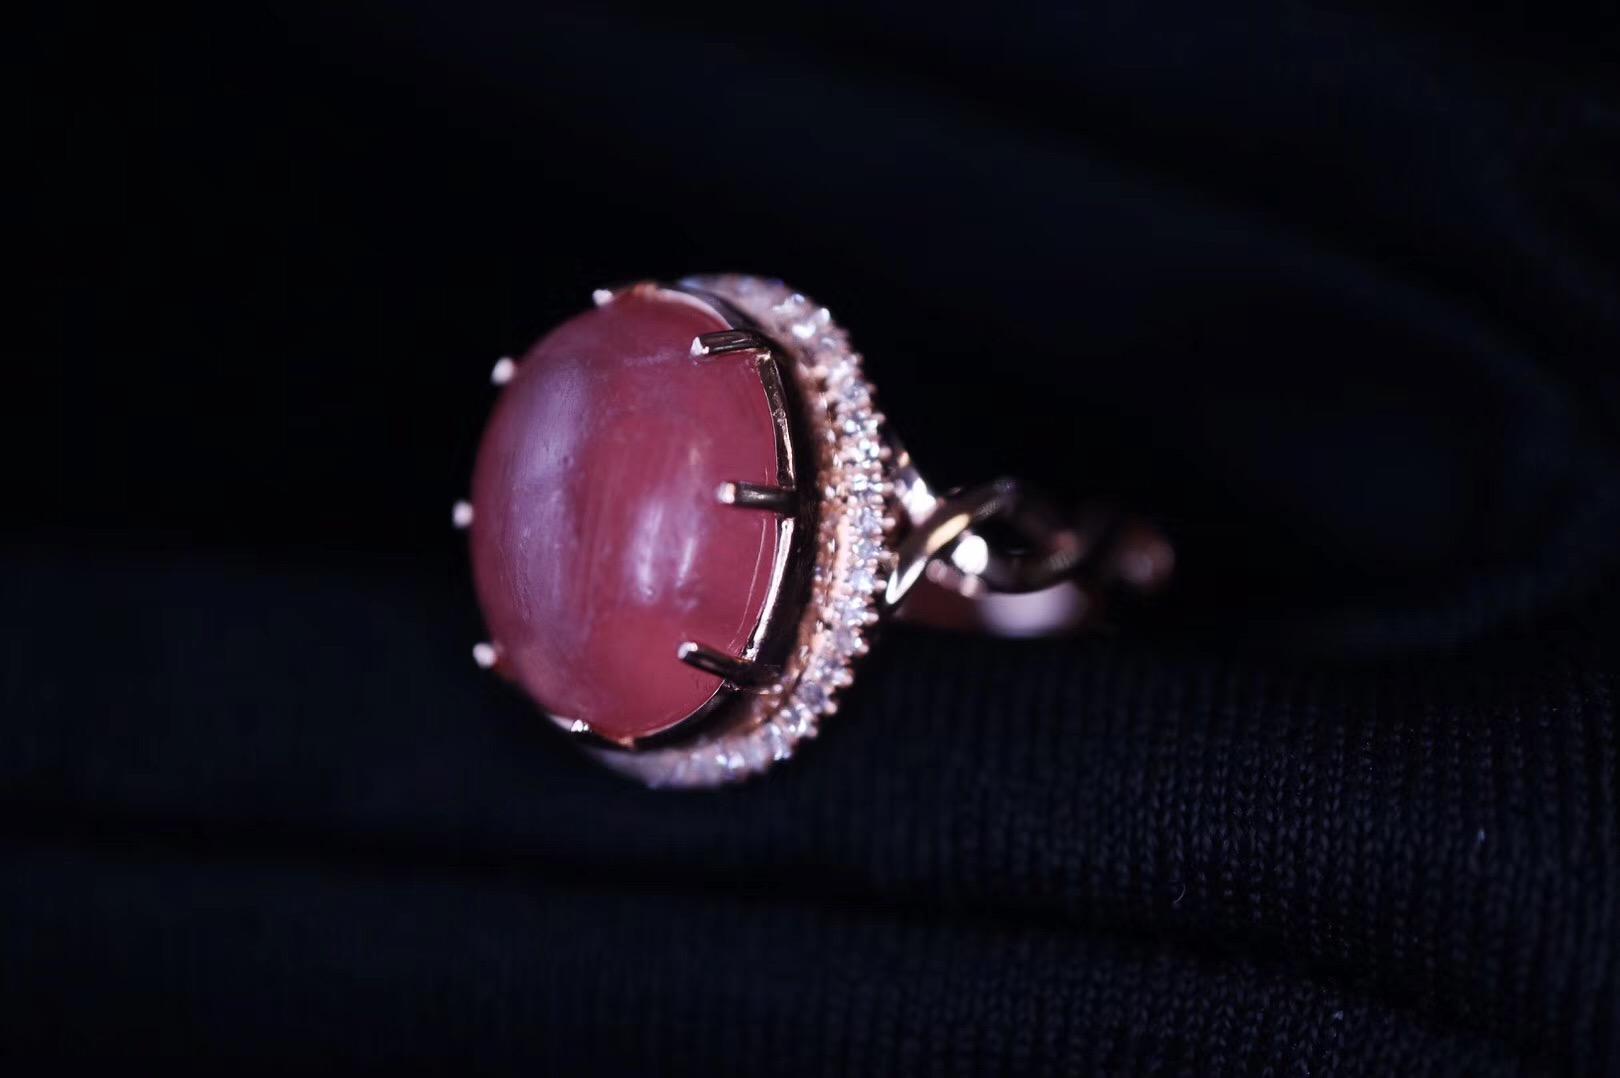 【菩心·红纹石】红纹石戒戴久了,面上会像珊瑚一样雾化-菩心晶舍